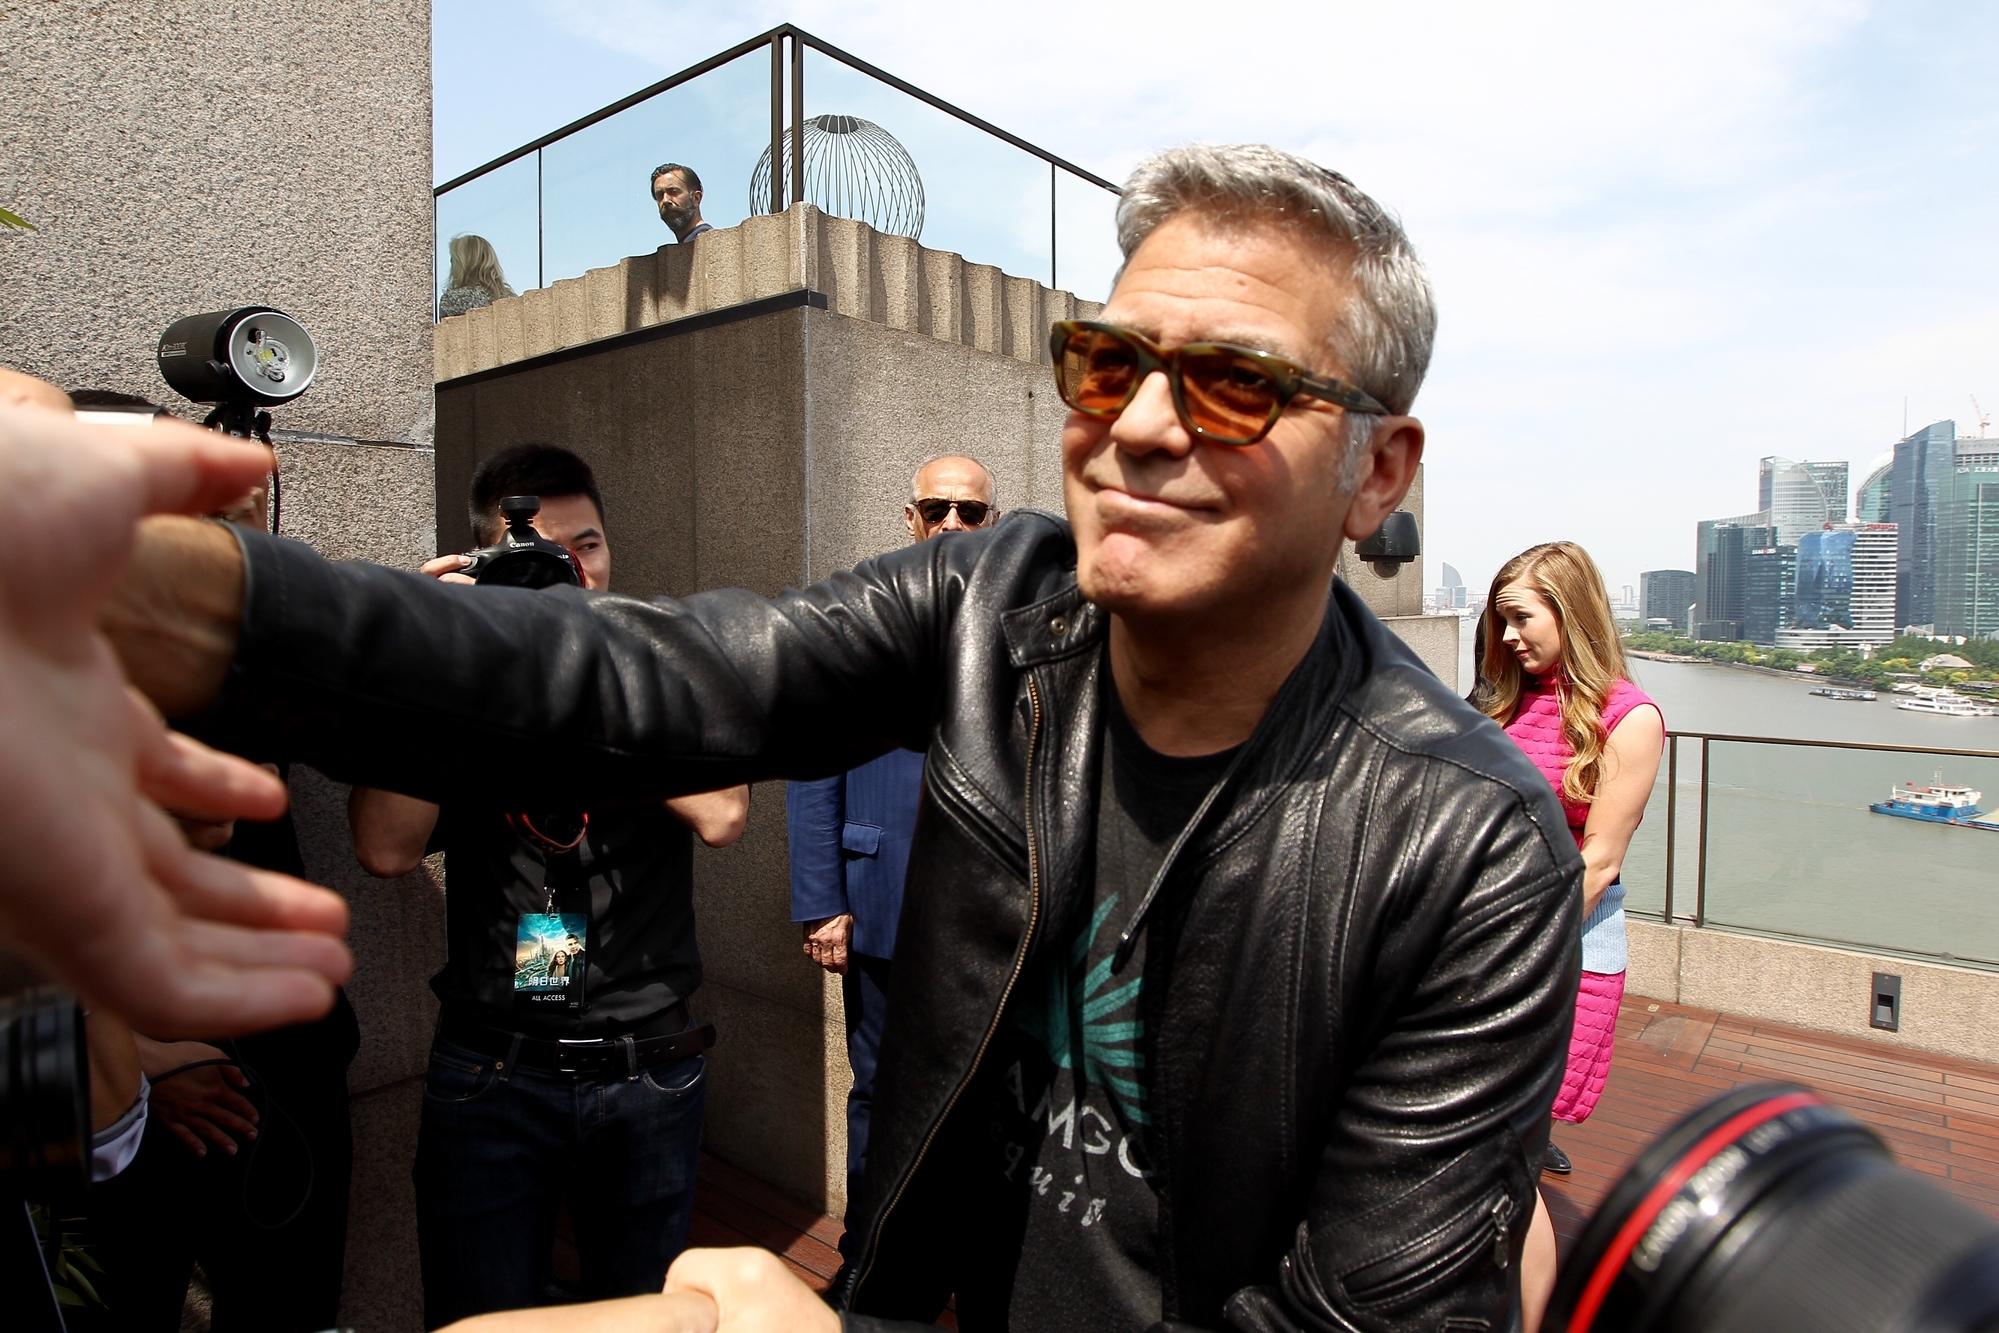 Джордж Клуни рассказал о сильной потере веса для фильма «Полночное небо»